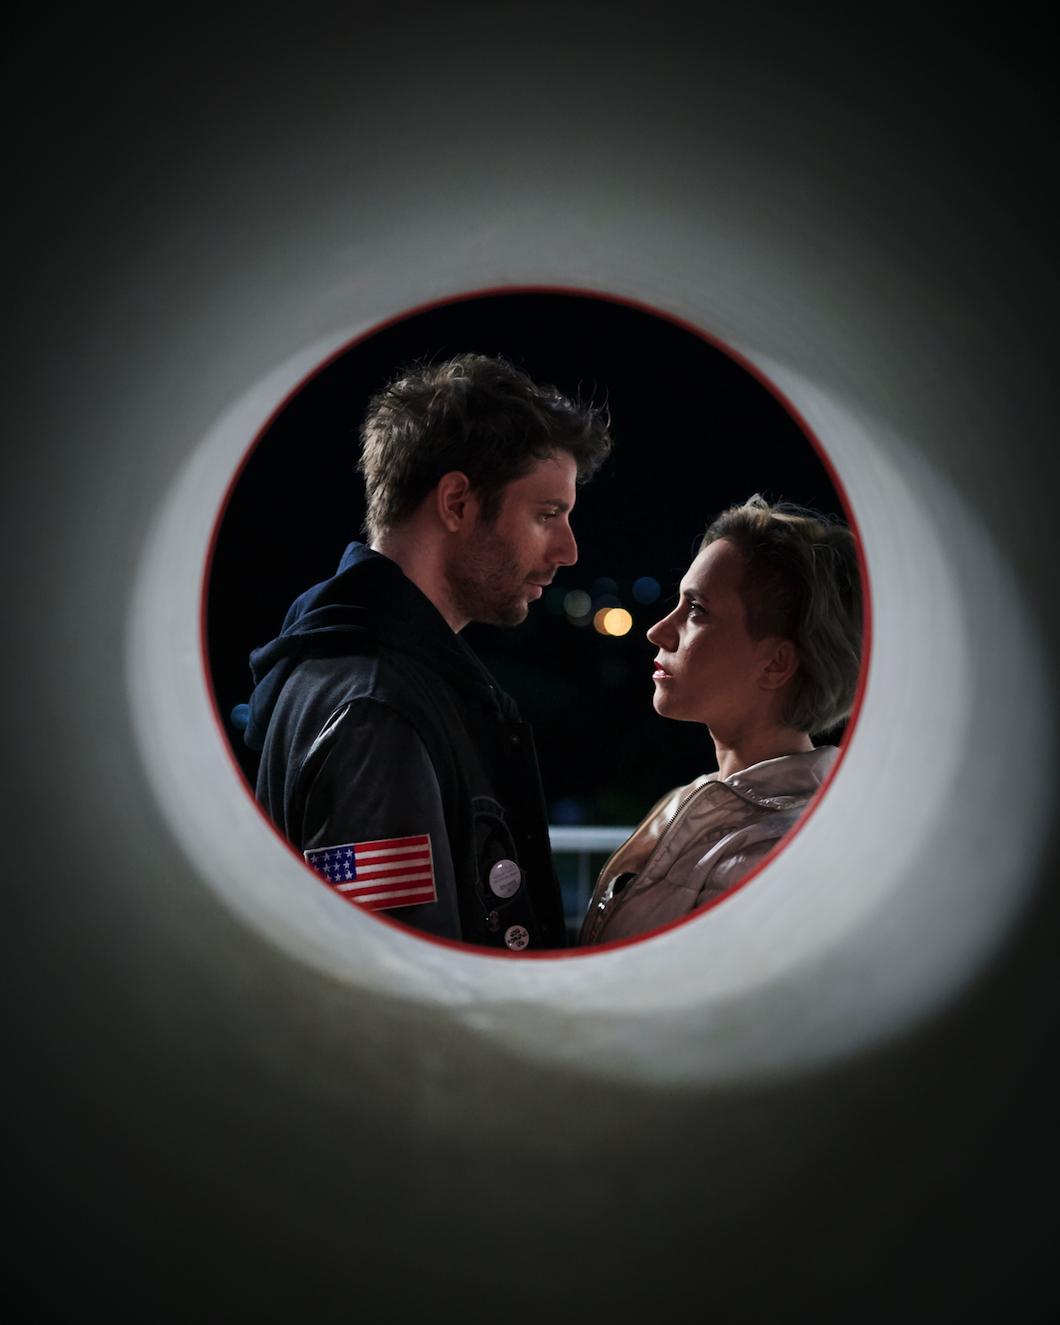 Η Σαμάνθα και ο Μαξ στο Βυθό της Ασφάλτου στον Πολυχώρο Vault